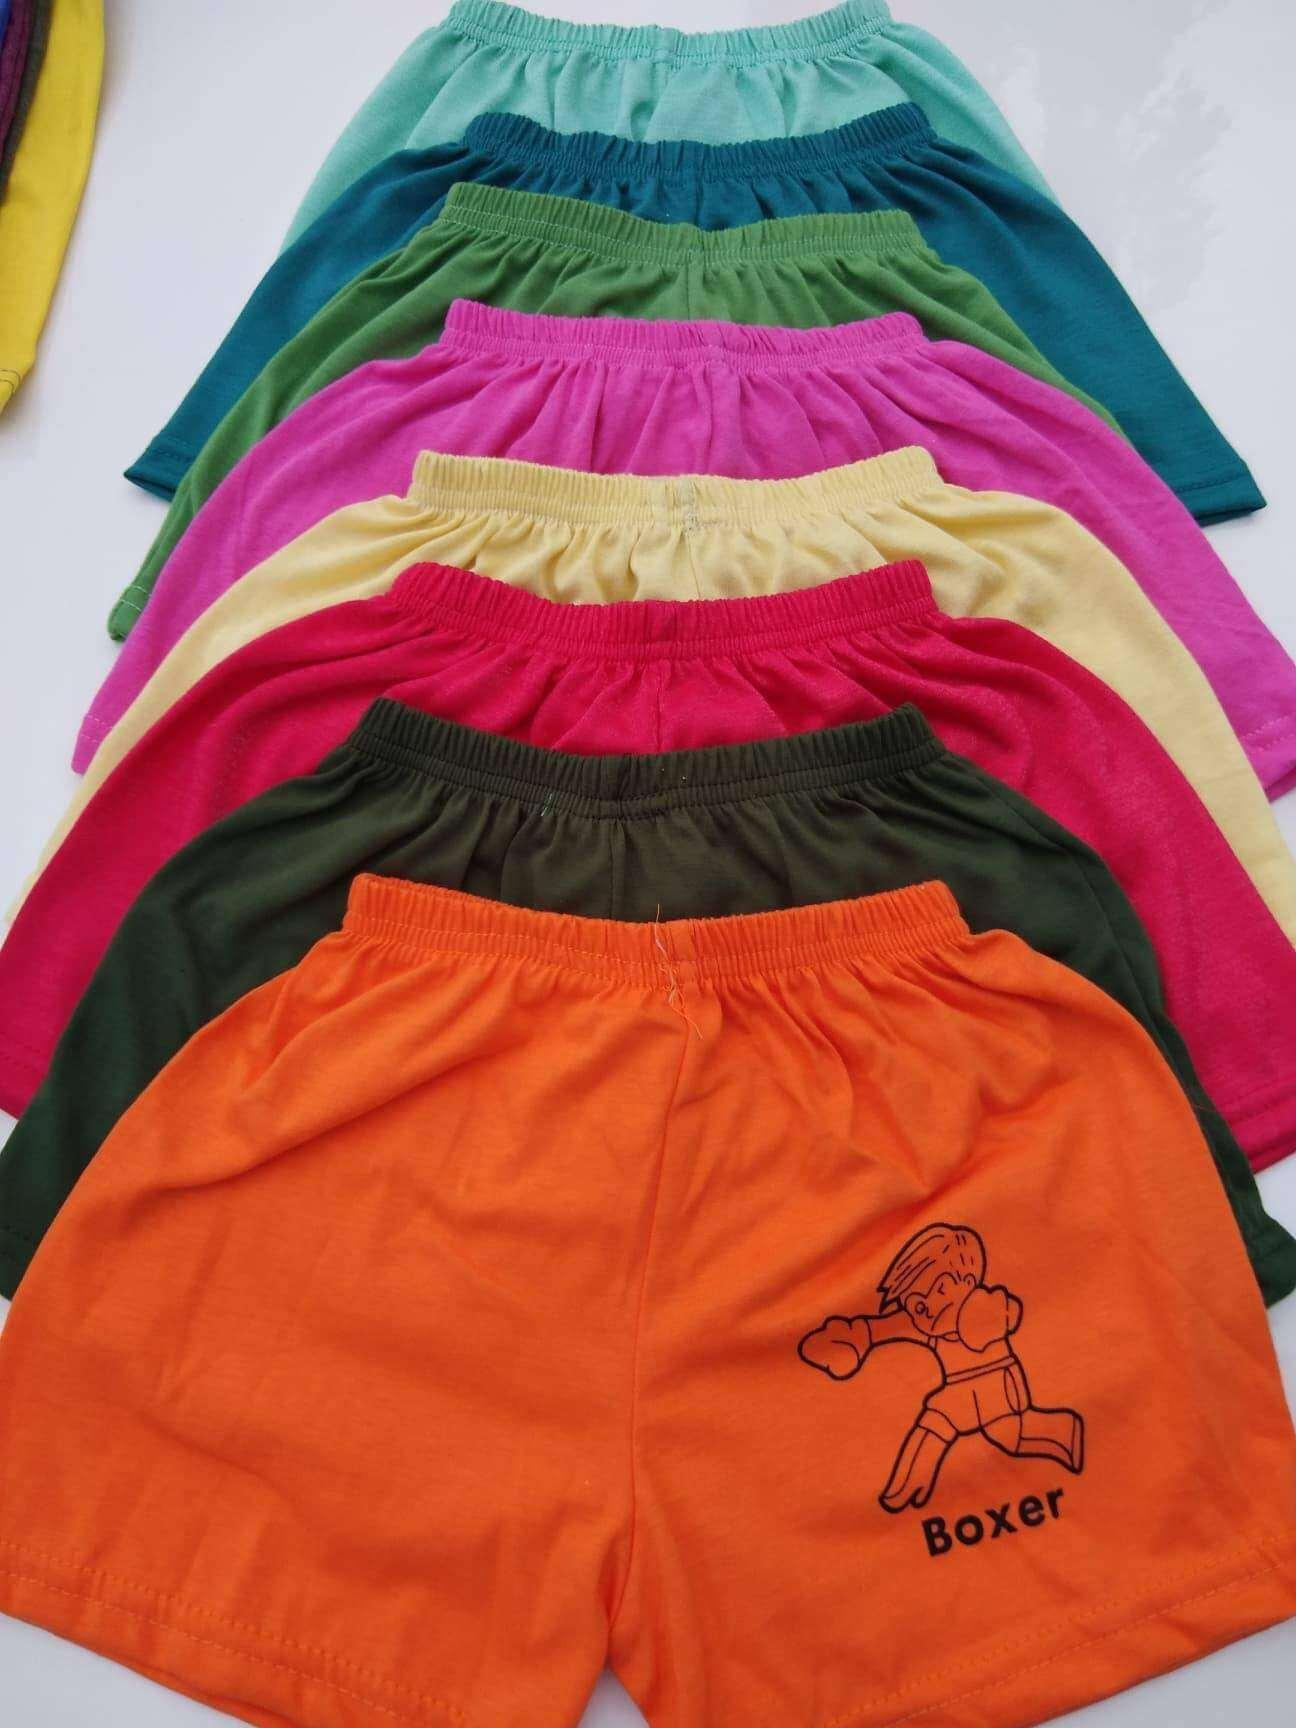 กางเกงขาสั้นเด็ก2เดือน-10ขวบ คละสี คละลาย.